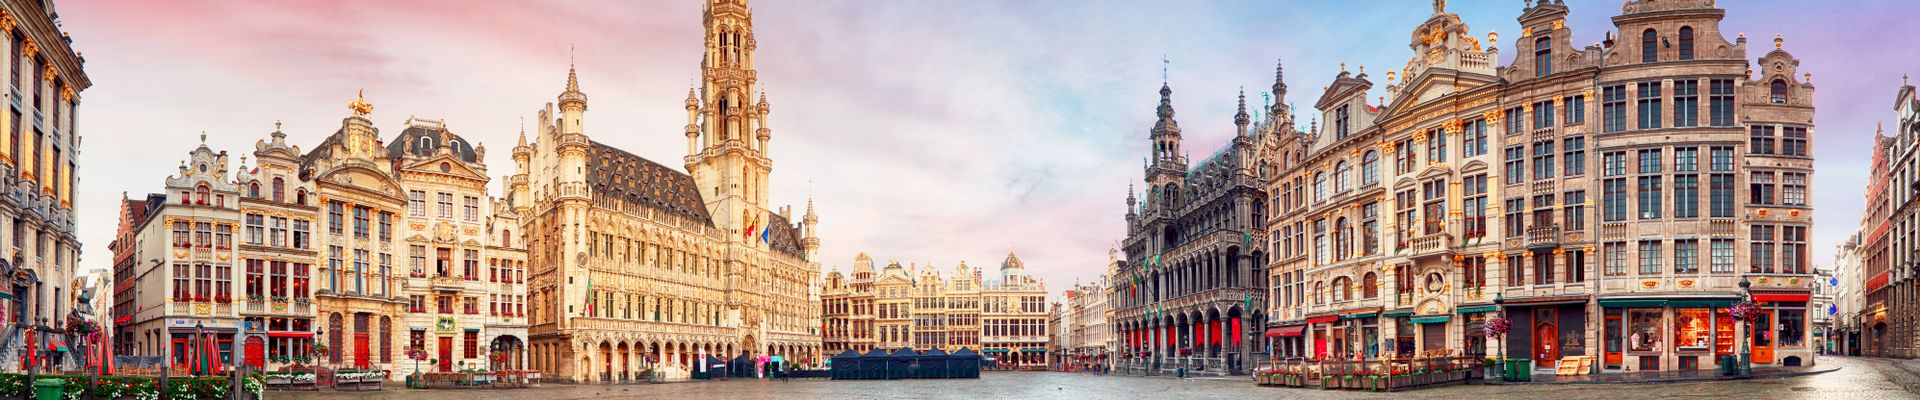 Städtereisen nach Brüssel